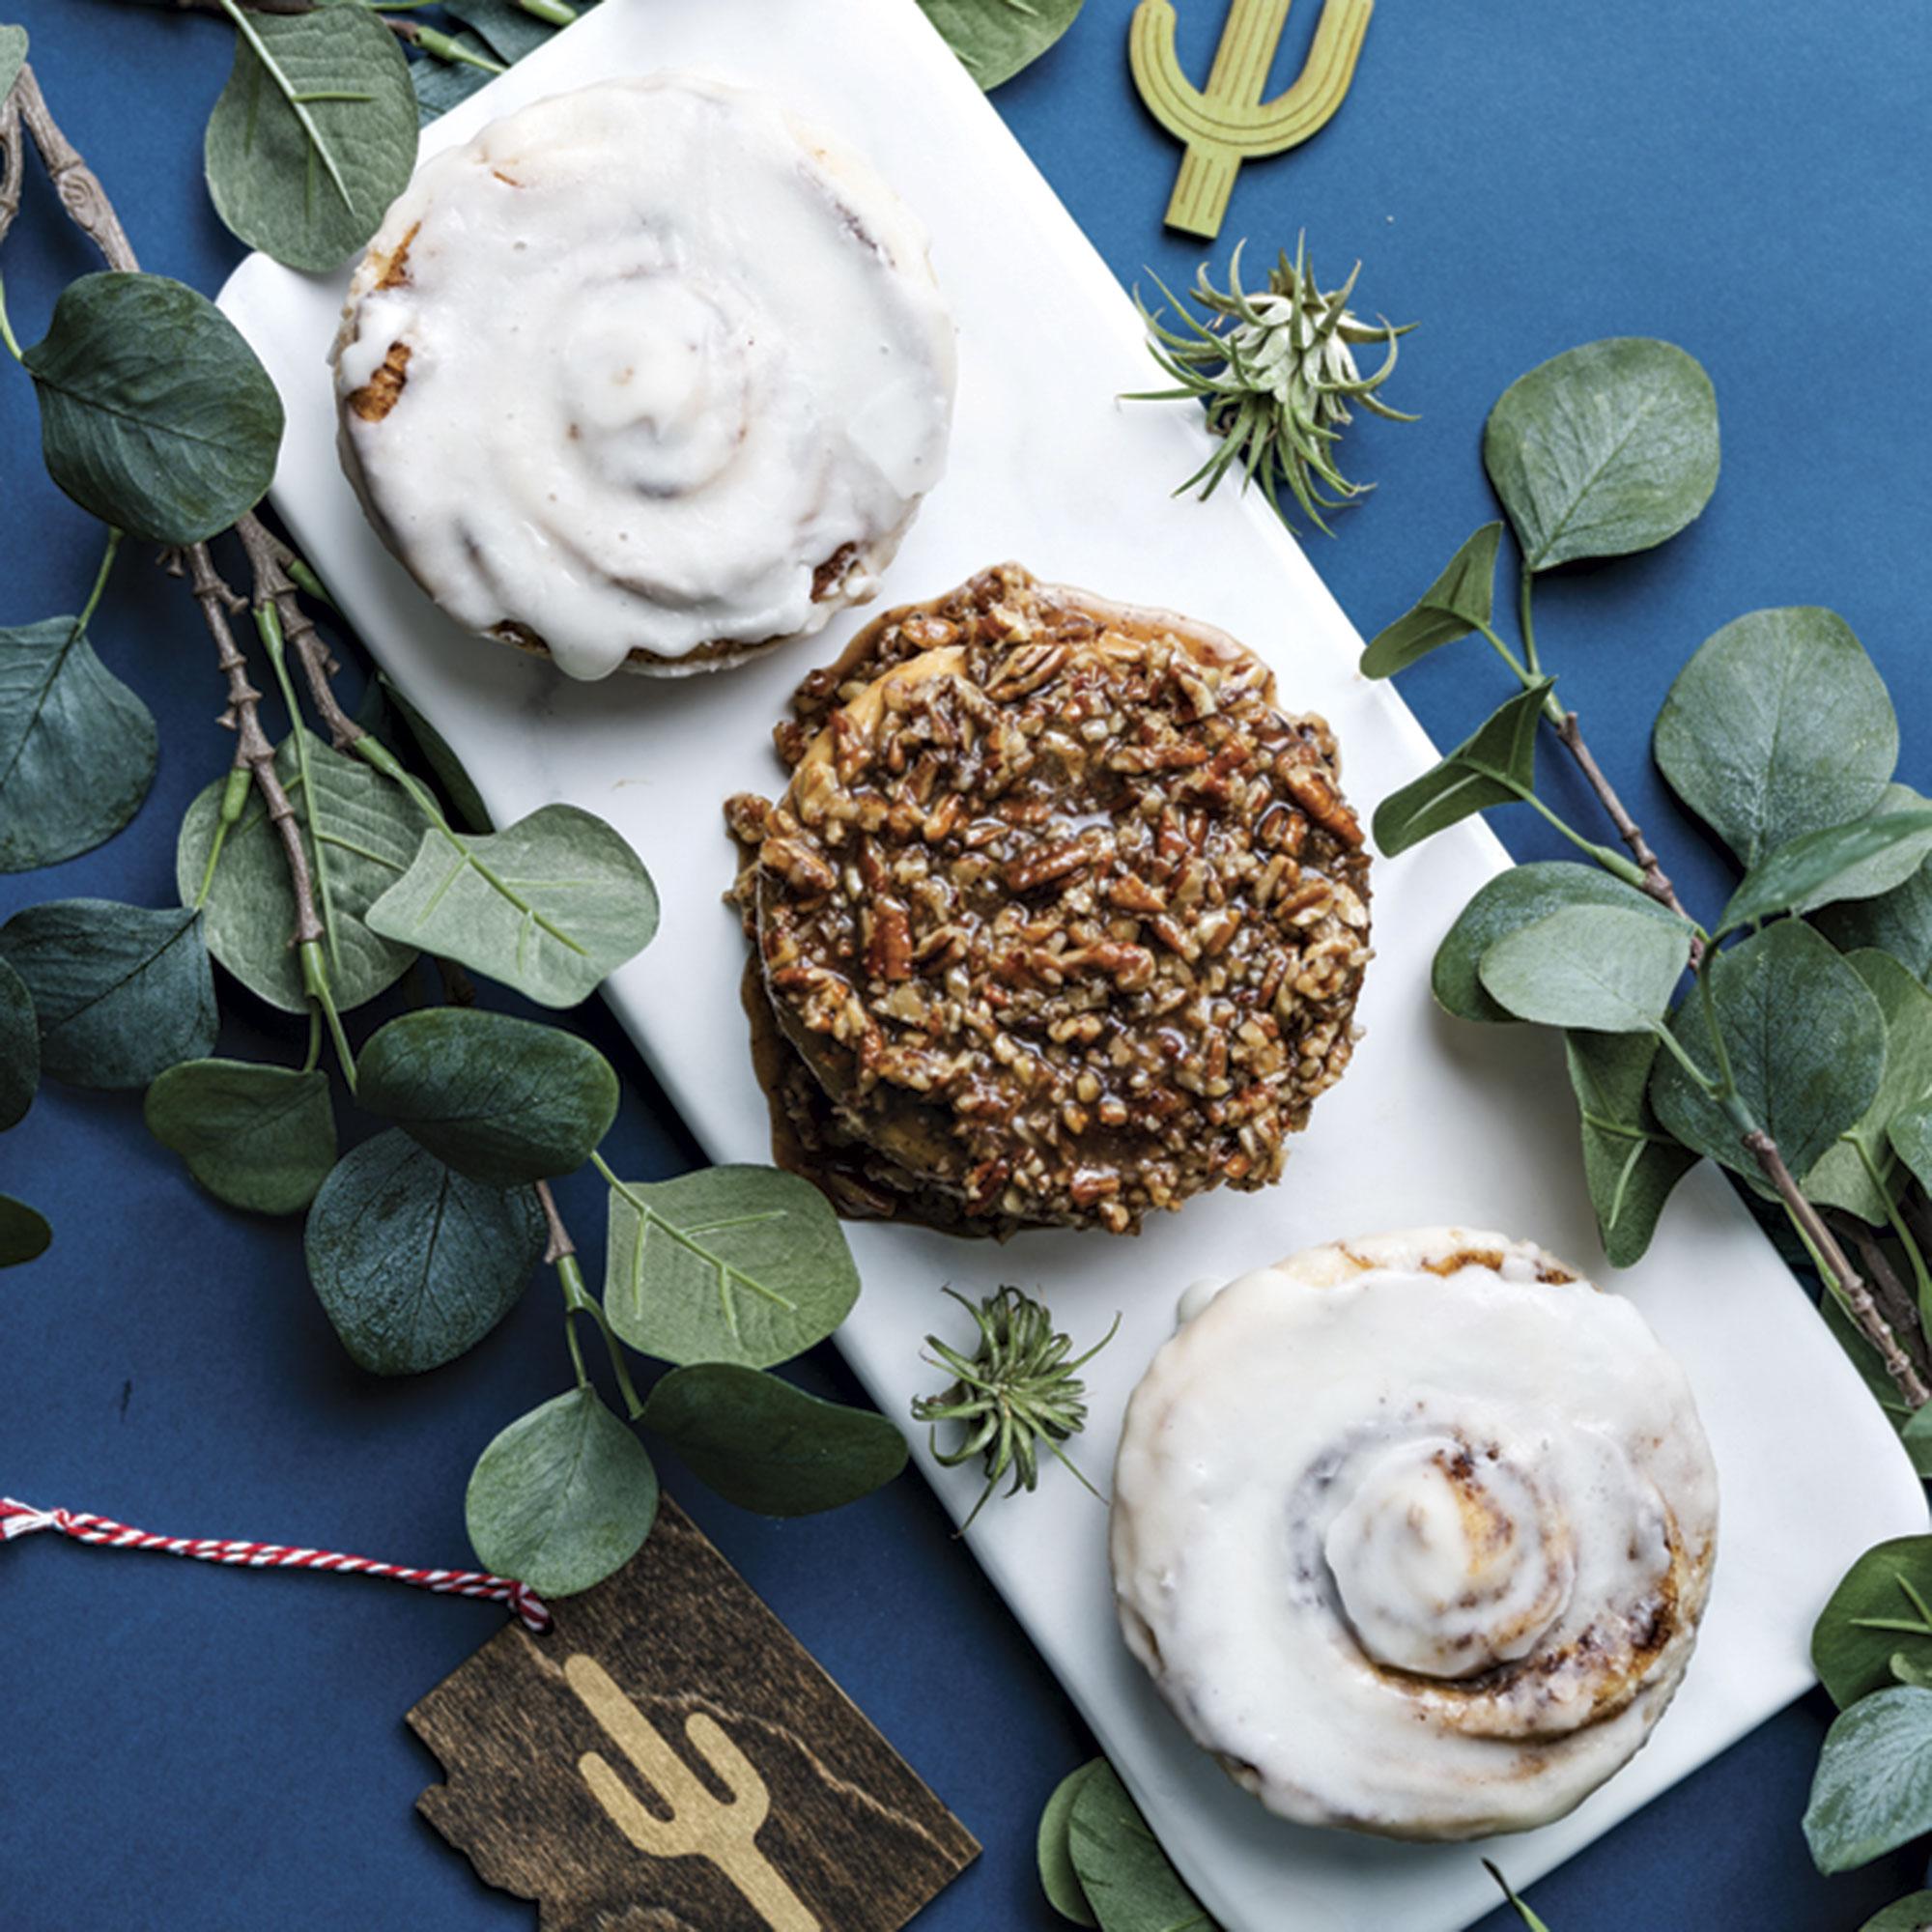 Sweet Cakes Bakery; Photo courtesy Sweet Cakes Bakery